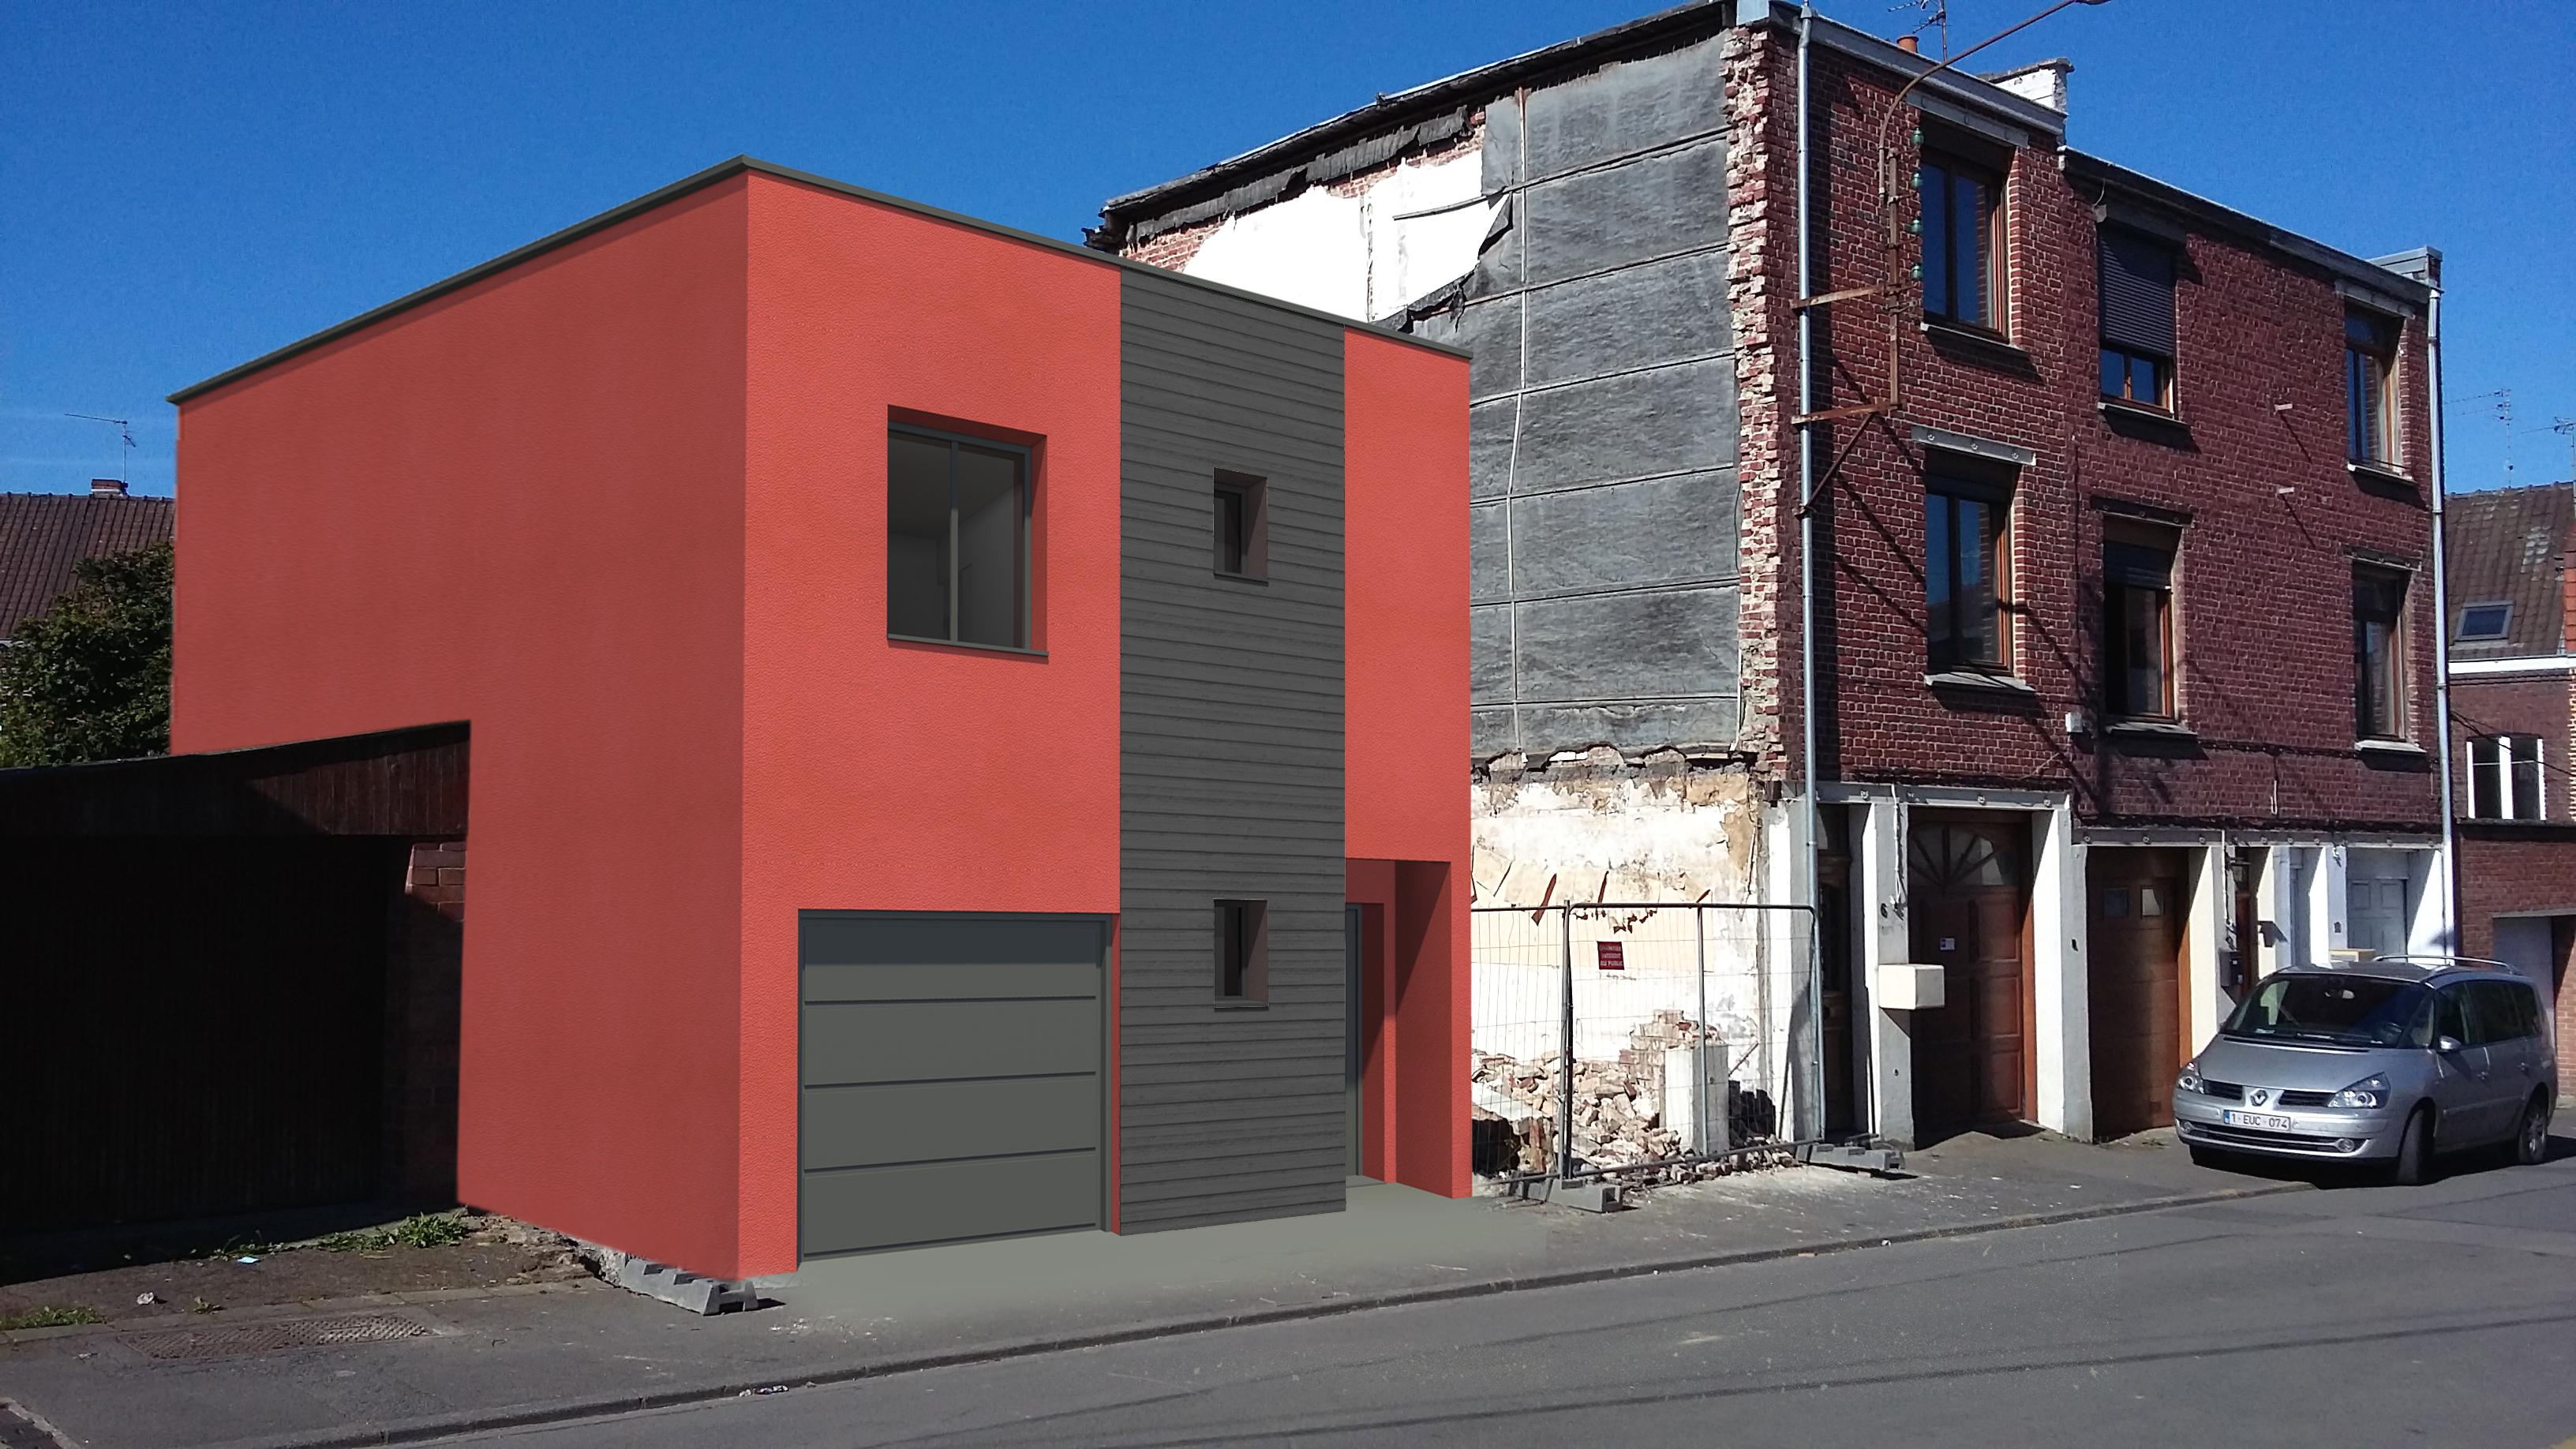 16.22 Atelier permis de construire maison individuelle14